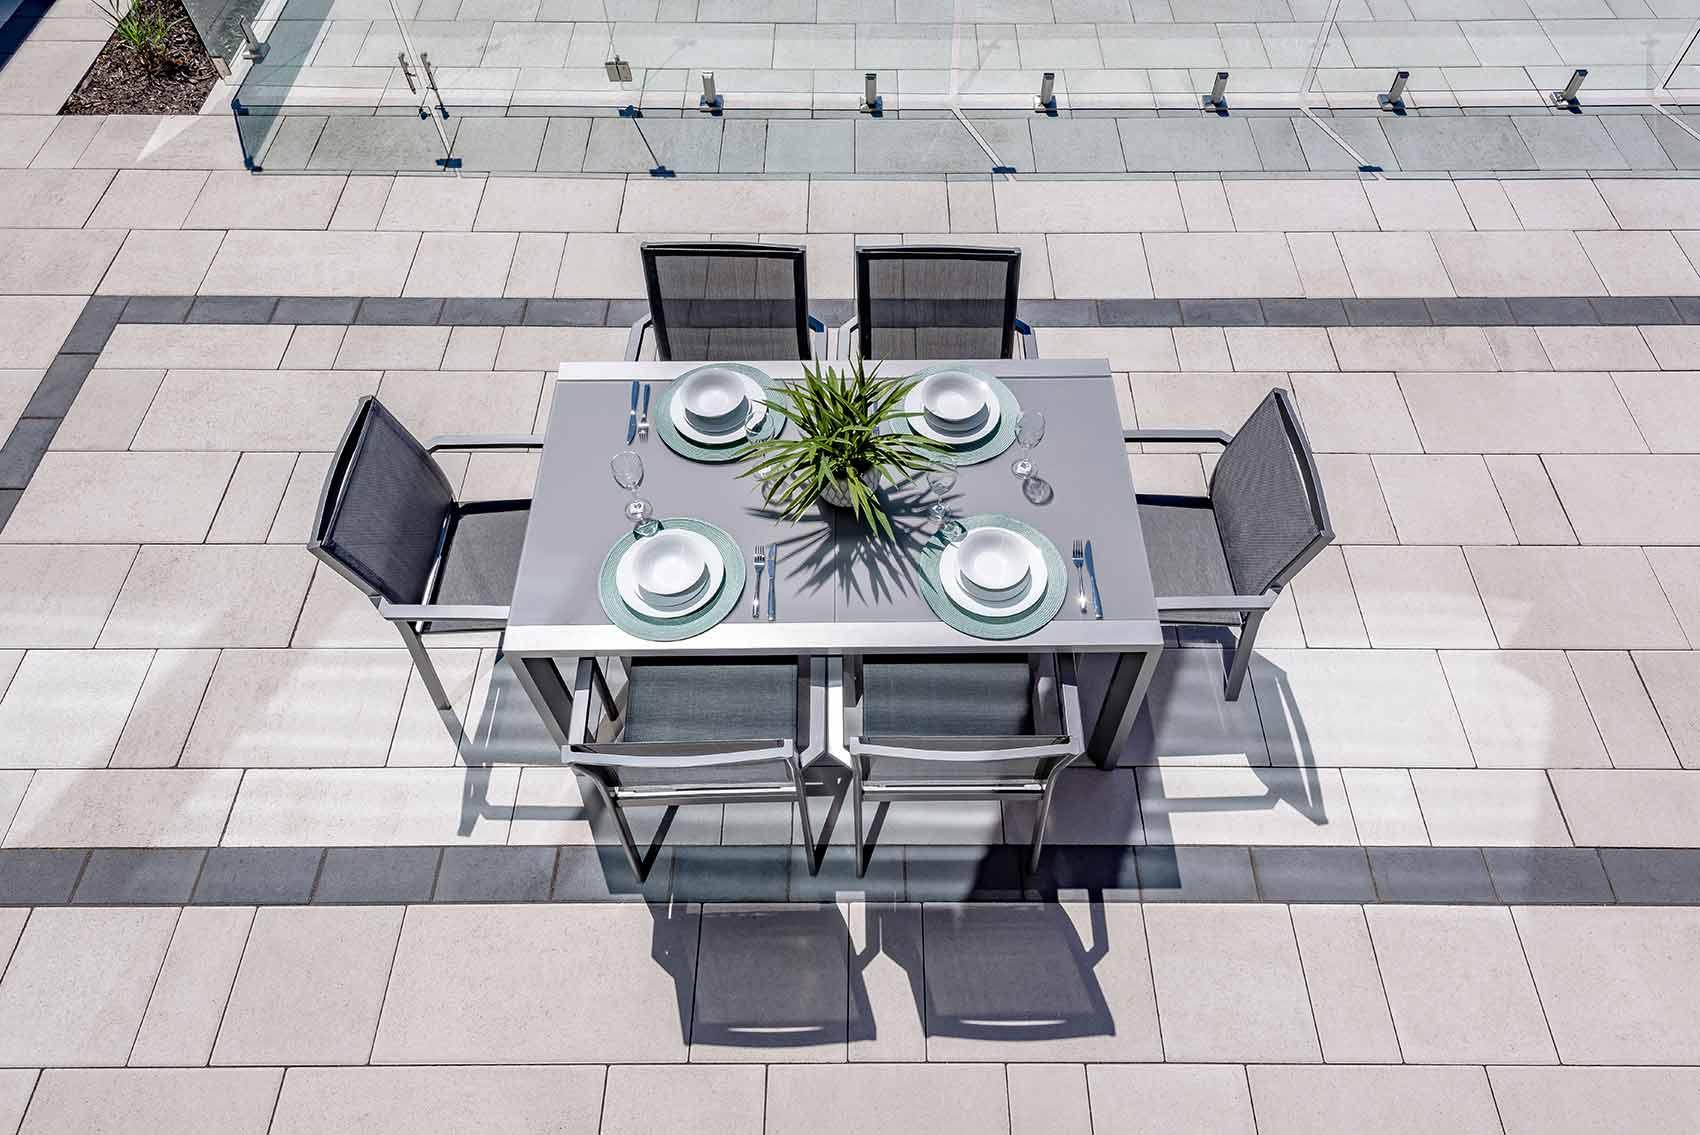 Aménagement extérieur - terrasse en pavé uni